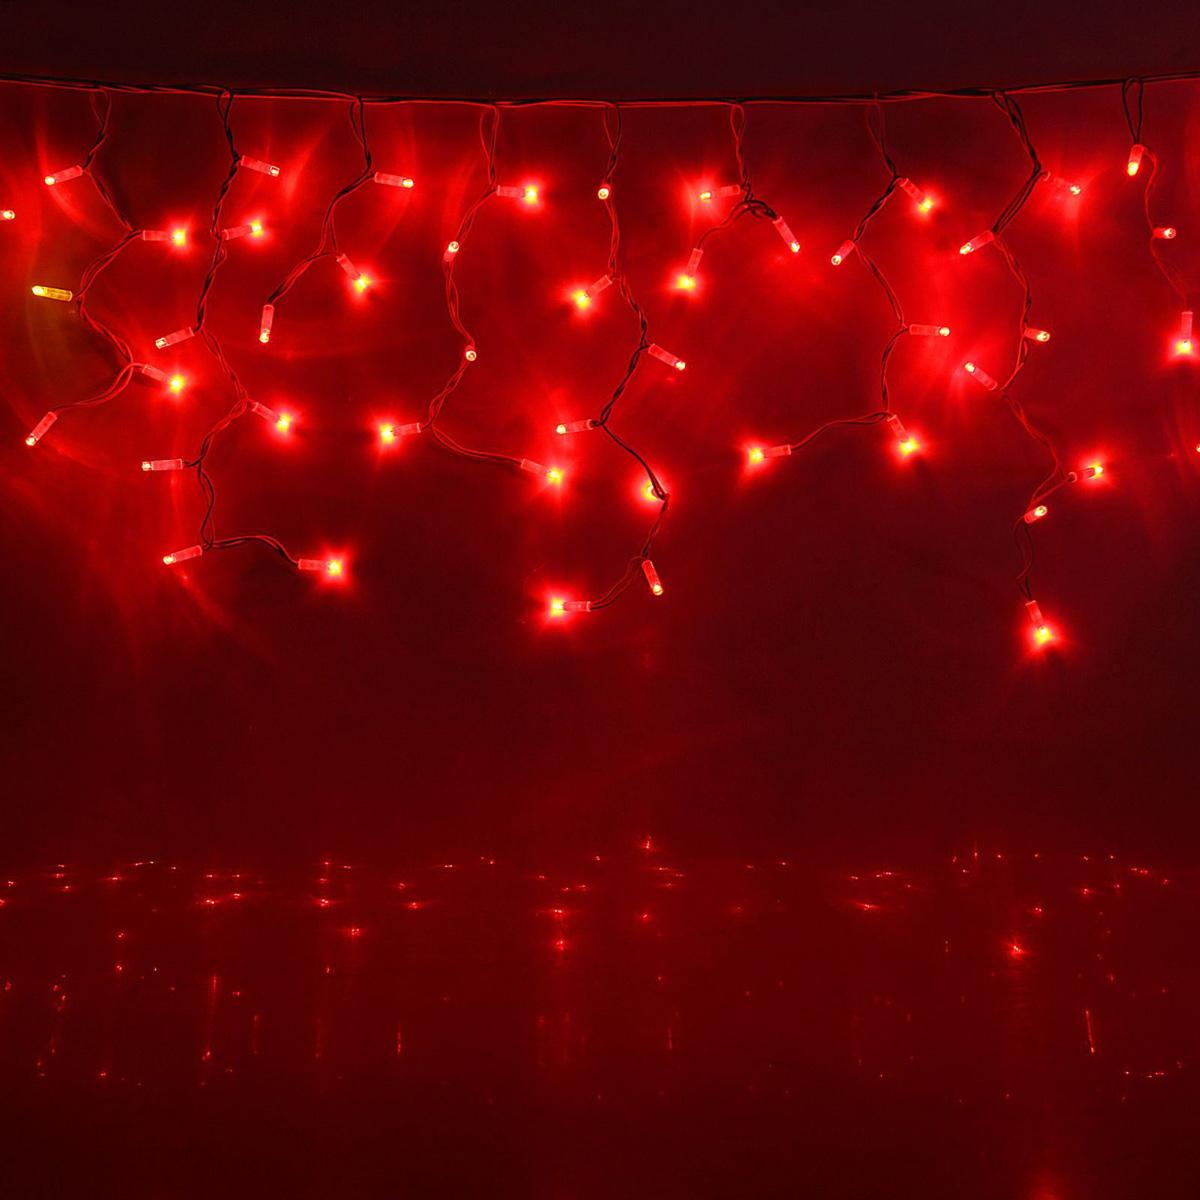 Гирлянда светодиодная Luazon Бахрома, уличная, 330 ламп, 220 V, цвет: красный, 5,6 х 0,9 м. 15859781585978Светодиодные гирлянды, ленты и т.д — это отличный вариант для новогоднего оформления интерьера или фасада. С их помощью помещение любого размера можно превратить в праздничный зал, а внешние элементы зданий, украшенные ими, мгновенно станут напоминать очертания сказочного дворца. Такие украшения создают ауру предвкушения чуда. Деревья, фасады, витрины, окна и арки будто специально созданы, чтобы вы украсили их светящимися нитями.